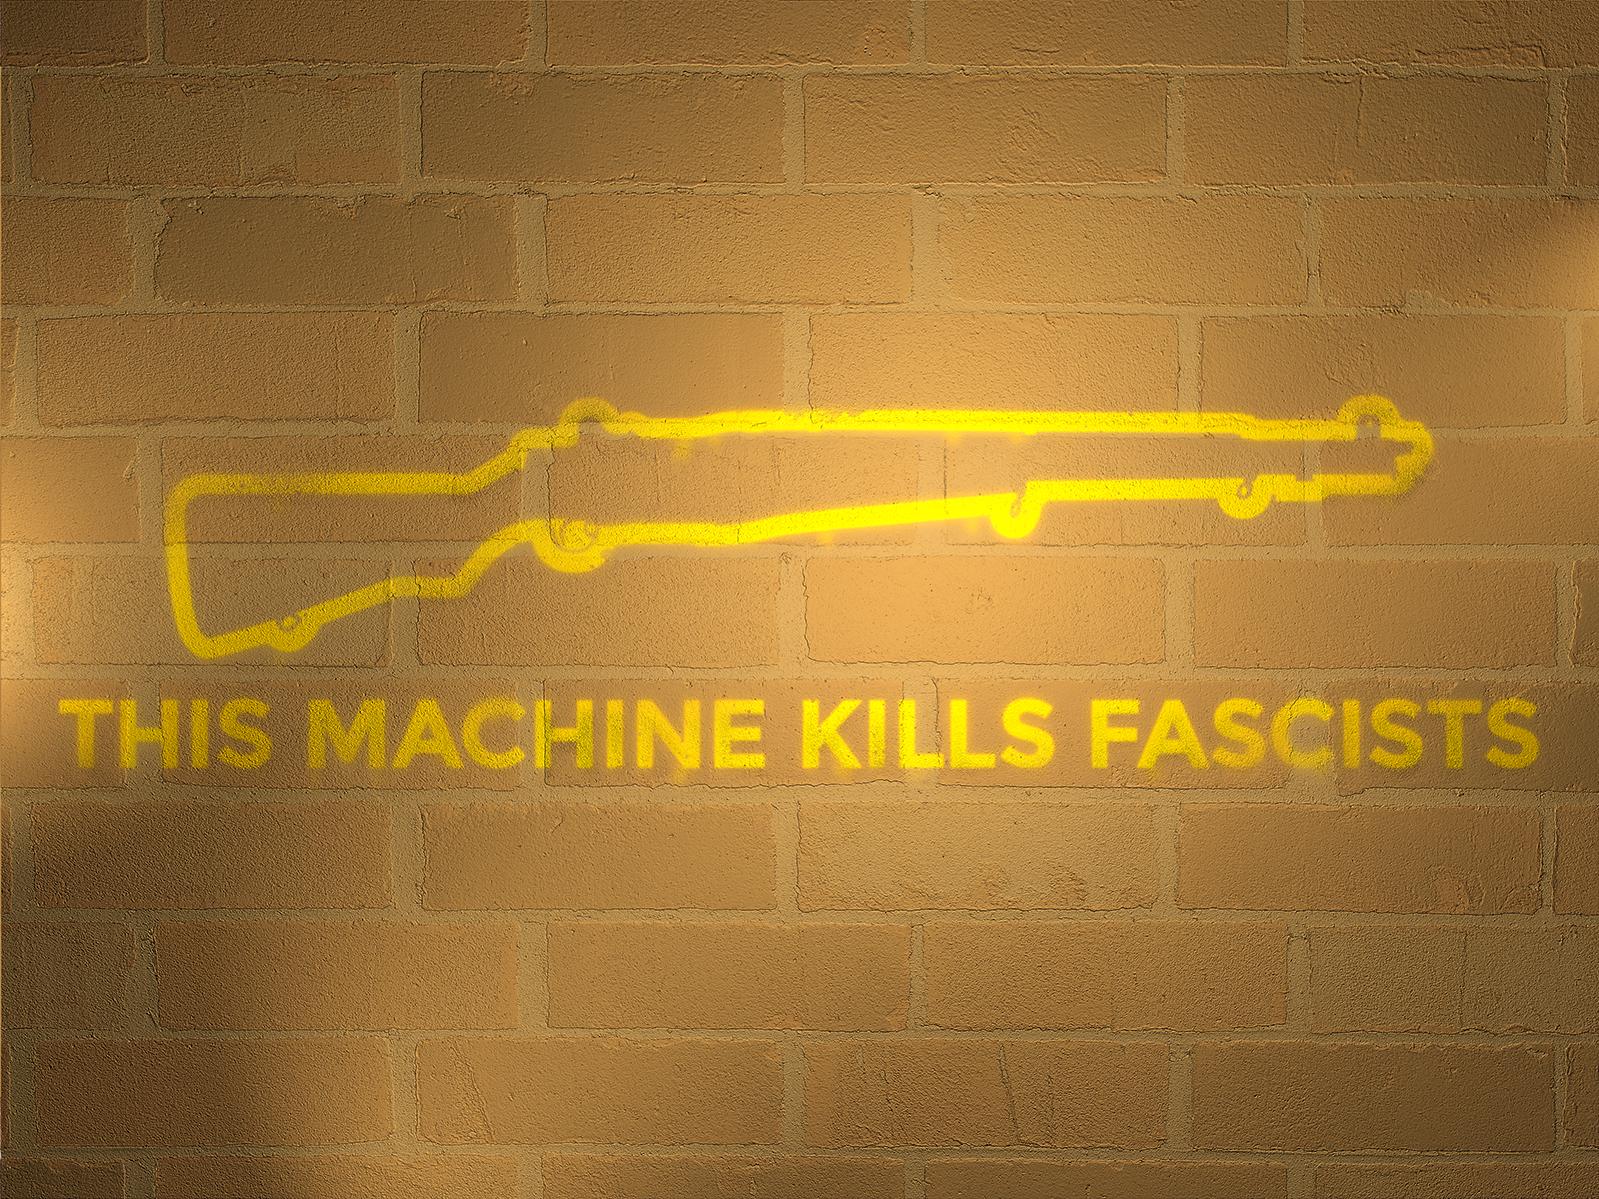 This Machine Kills Fascists wall brick stencil woody guthrie epigram rifle typography digital street art graffiti